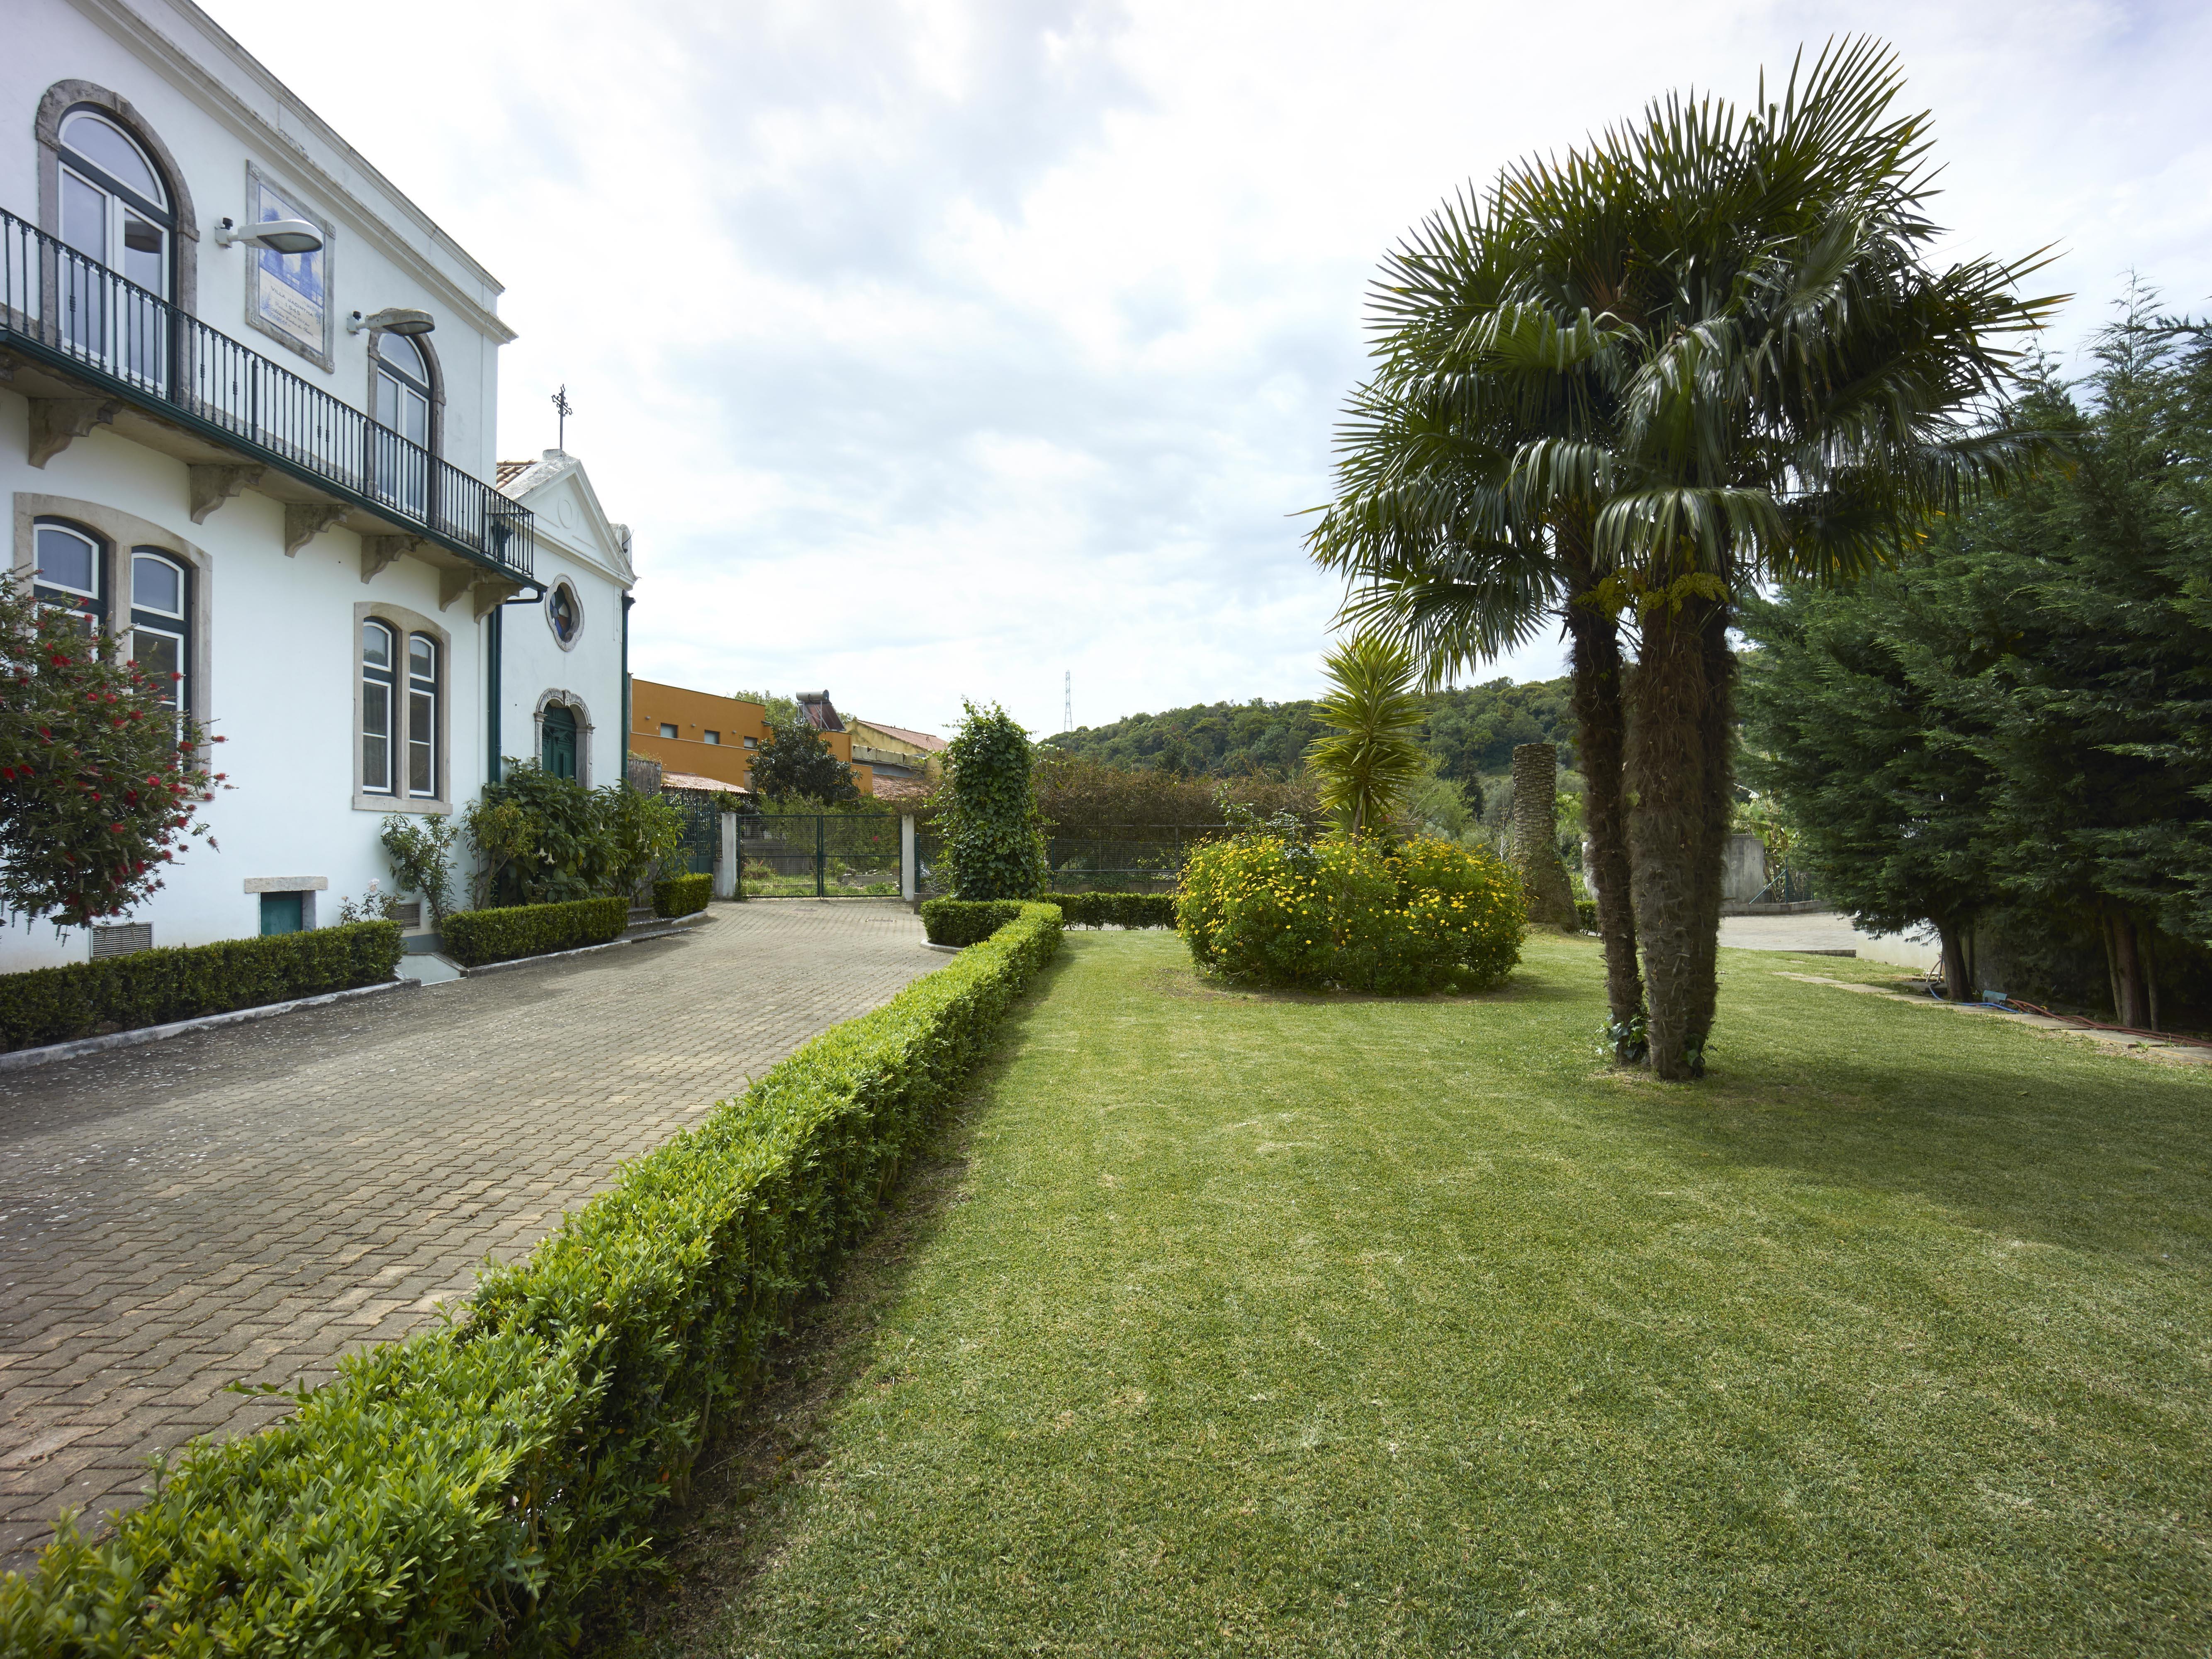 獨棟家庭住宅 為 出售 在 House, 19 bedrooms, for Sale Sintra, 葡京, 2605-001 葡萄牙